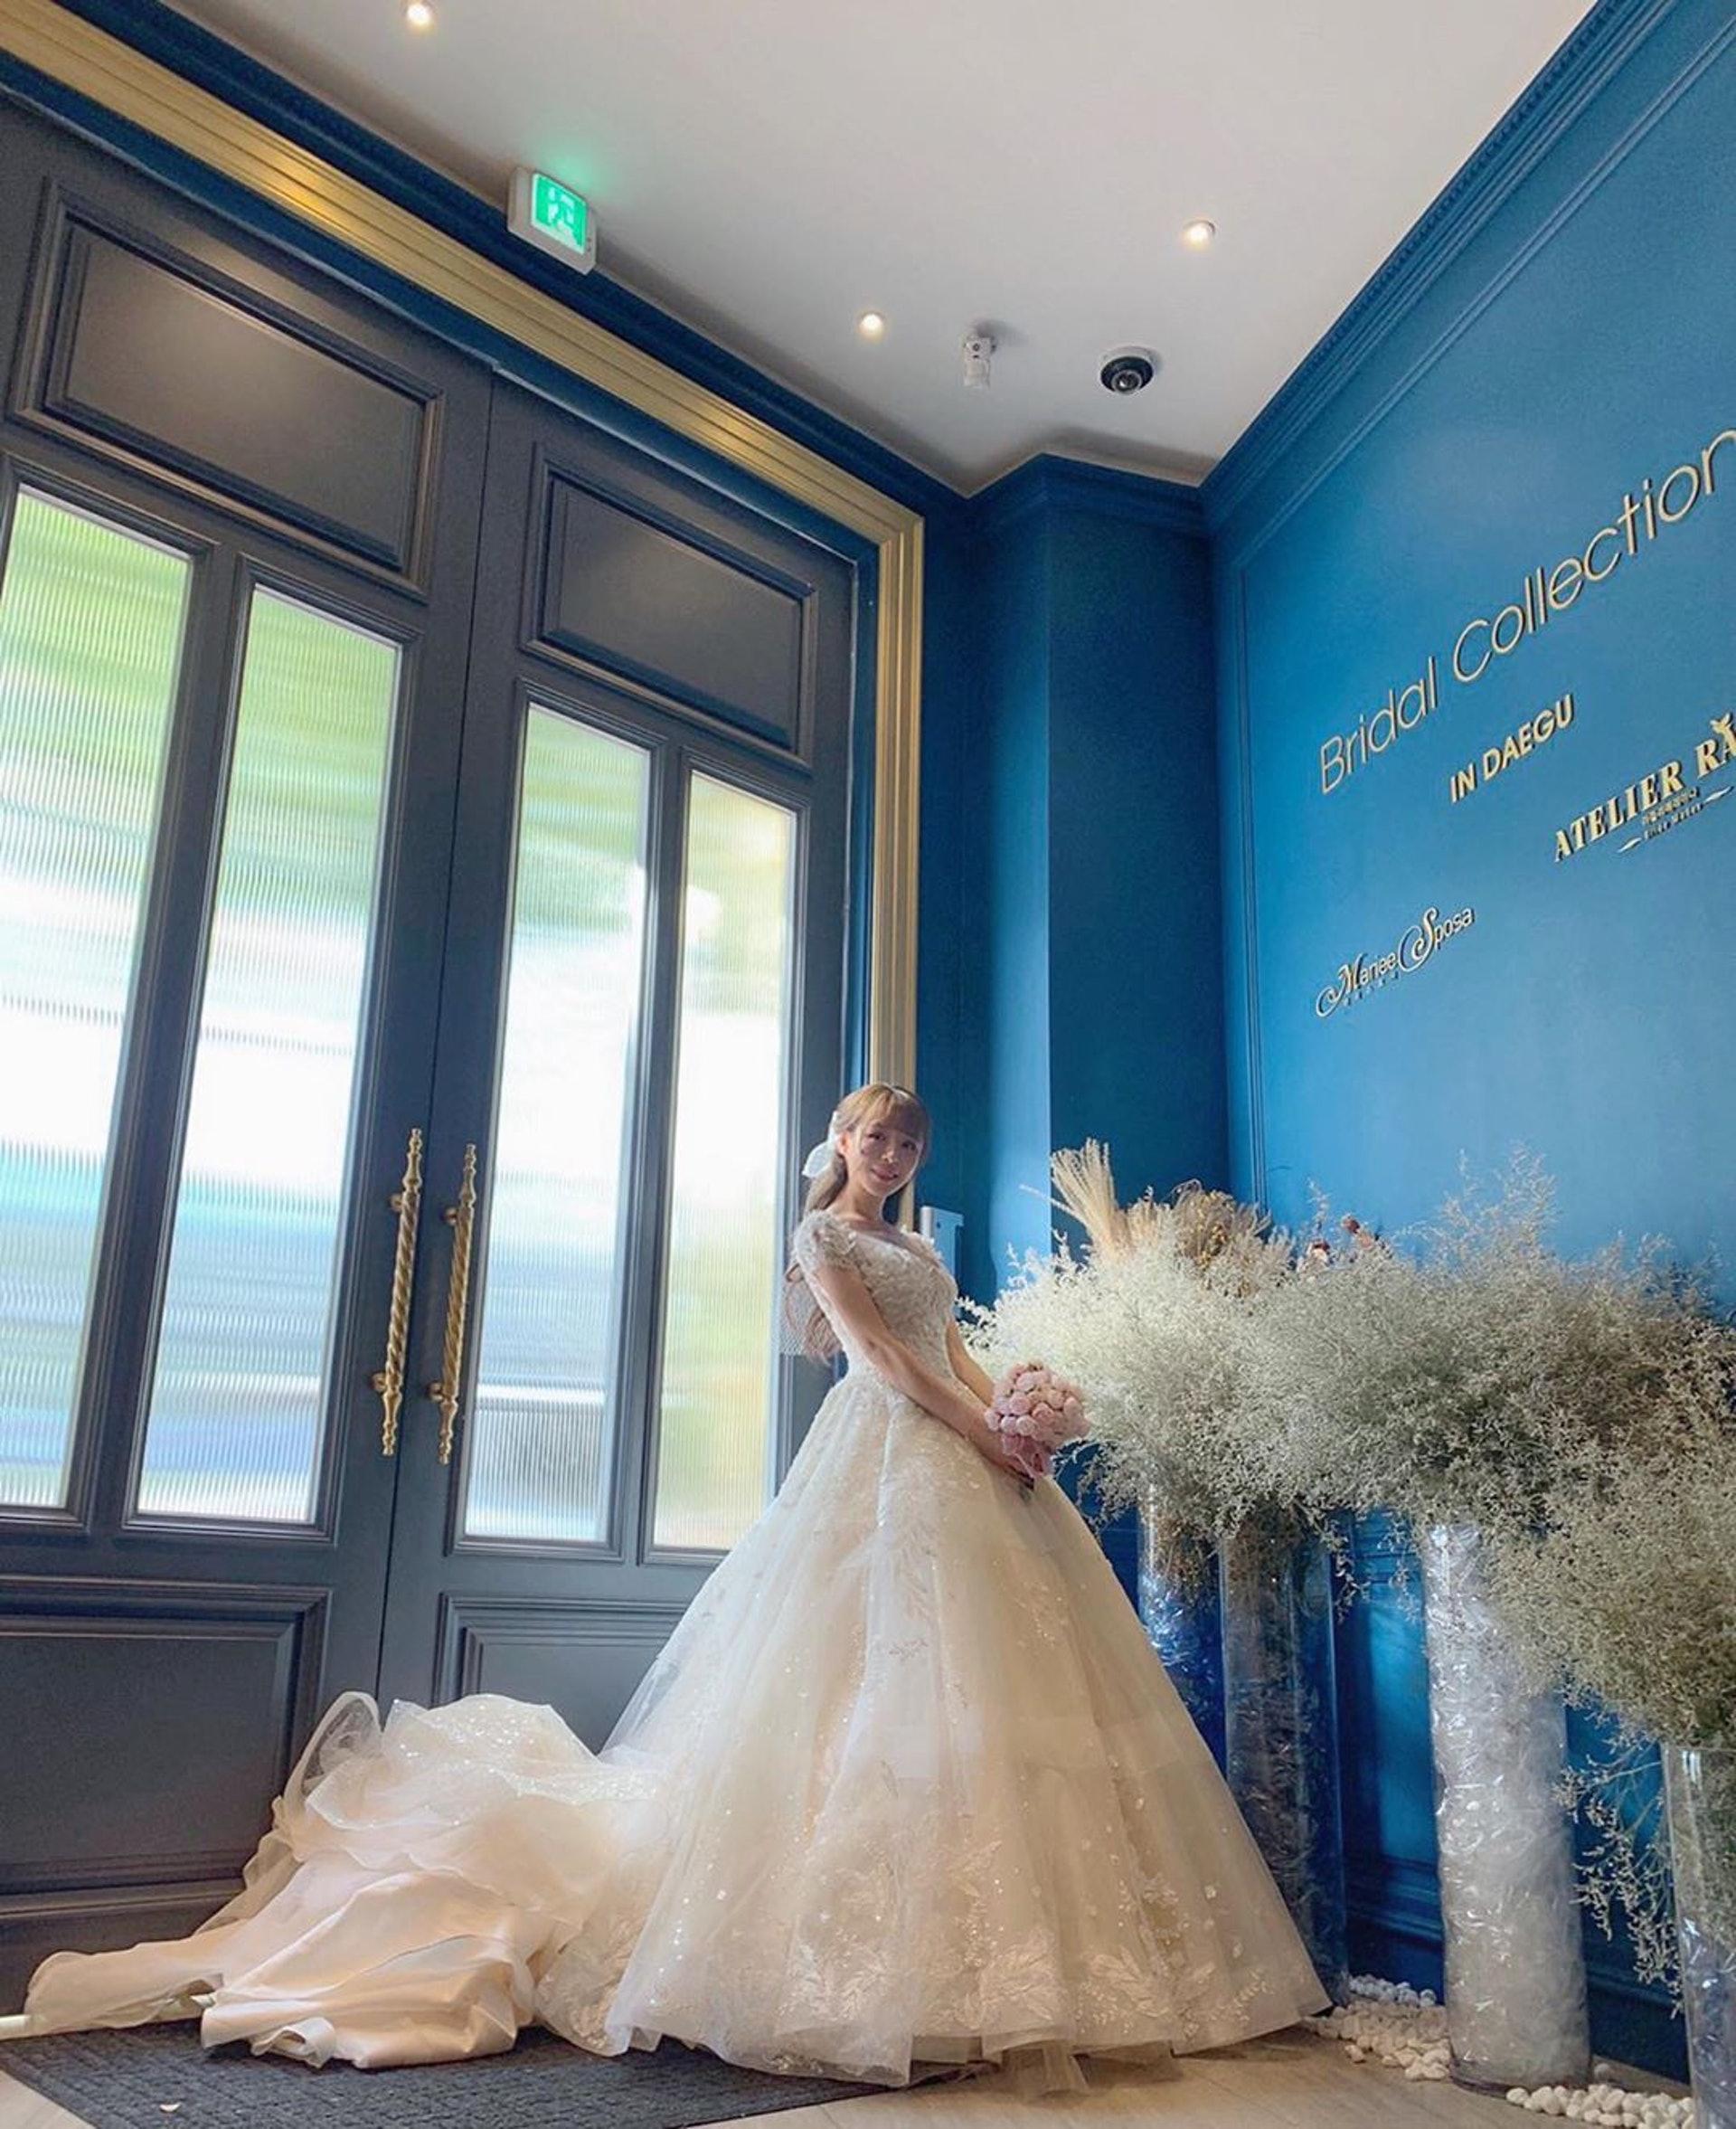 台灣女星元元近日在IG宣布「我們結婚了」,讓人好奇新郎是誰?(元元IG圖片)